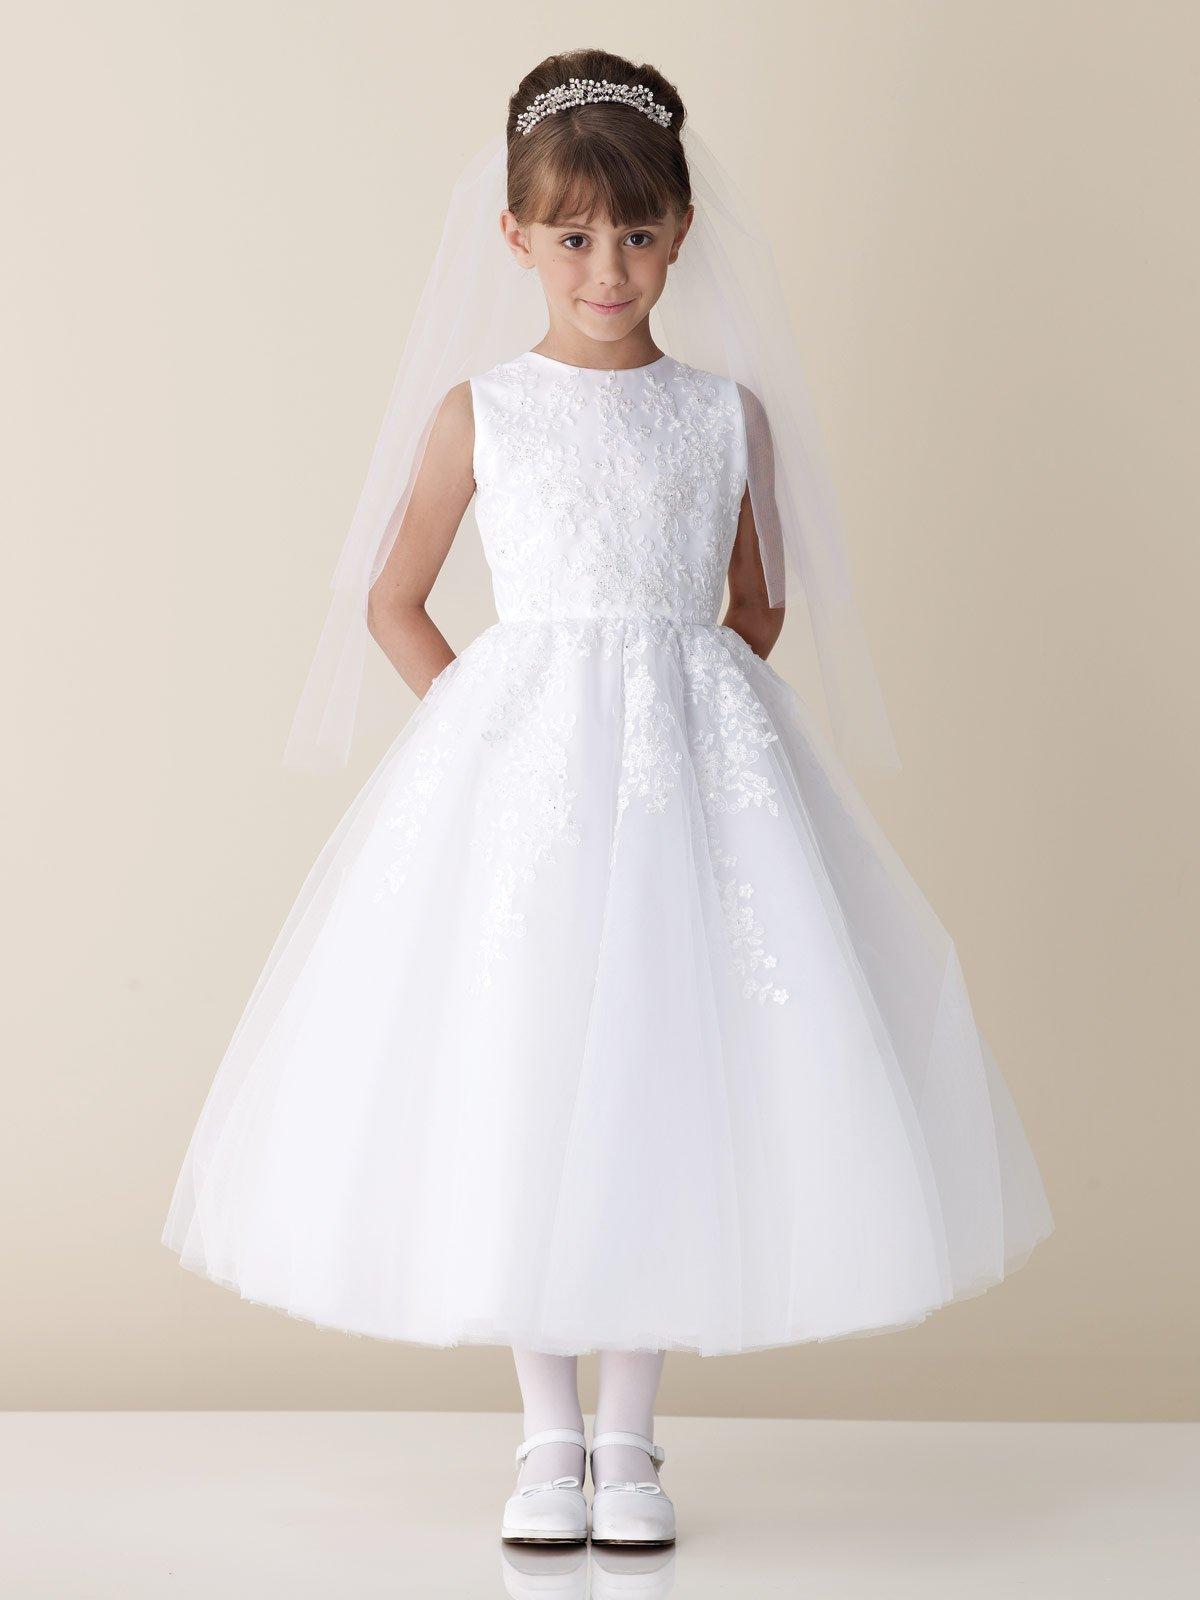 صوره فساتين بنات صغار للزواجات